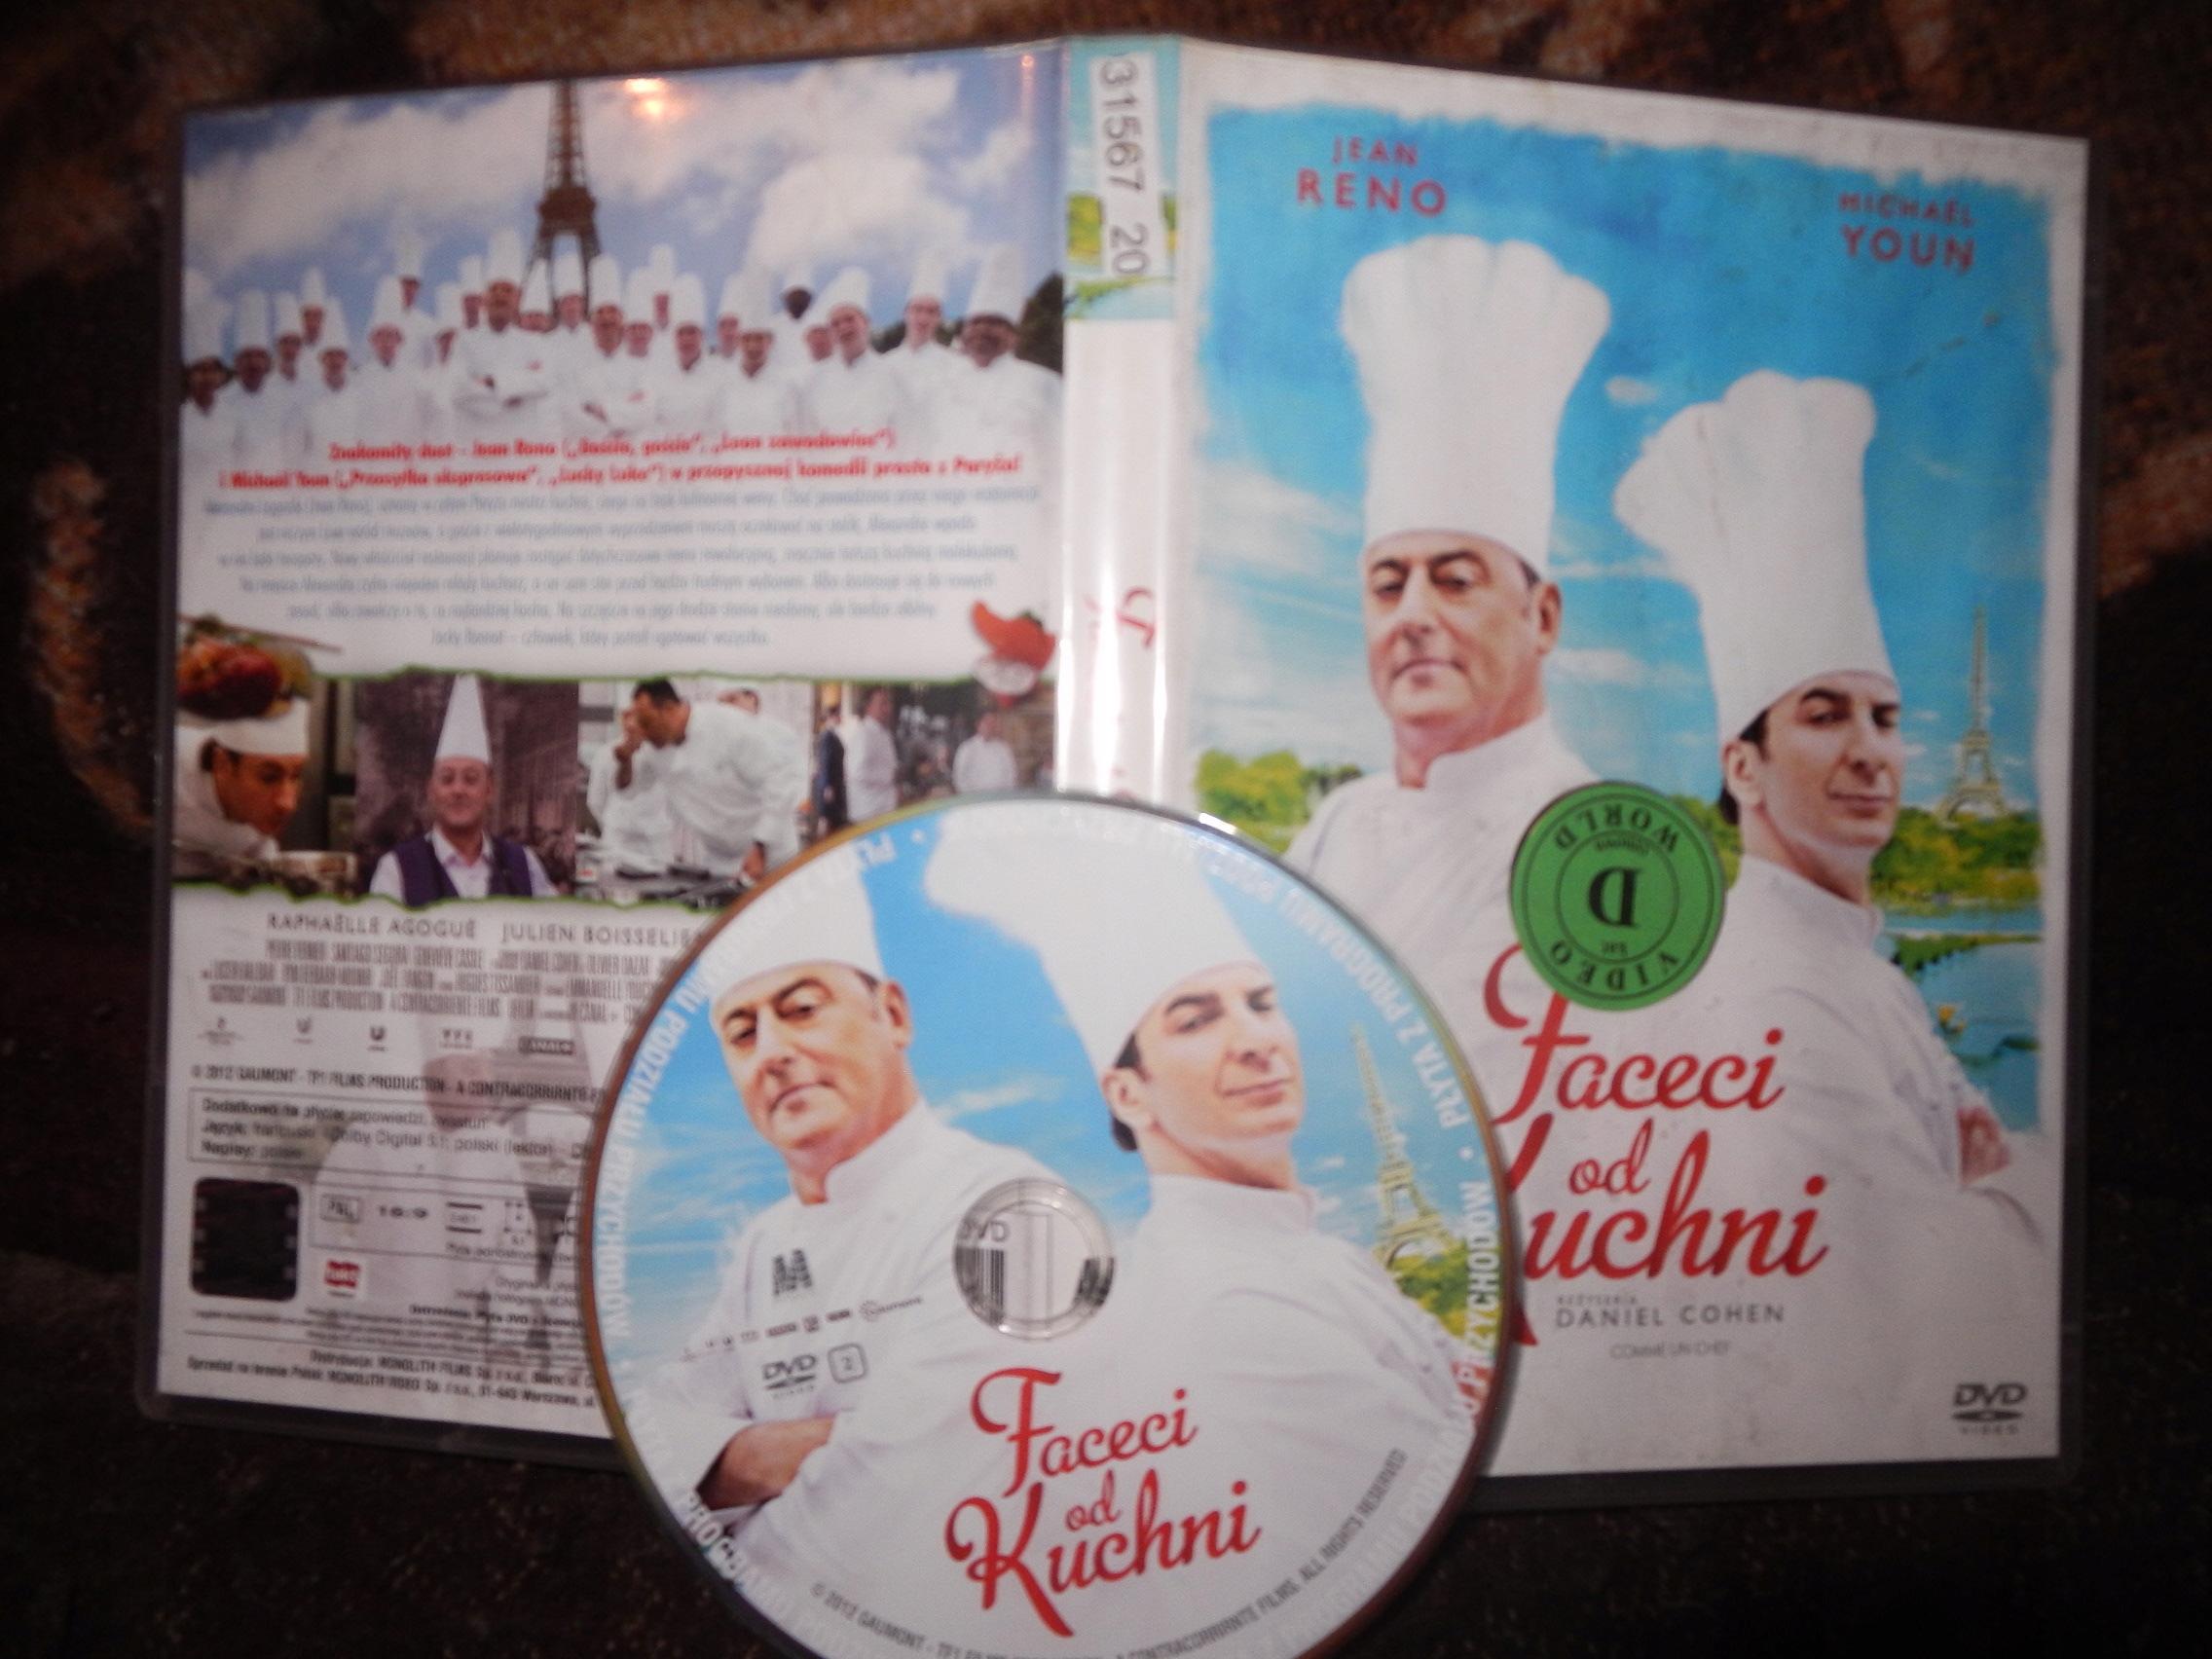 Wyprzedażfilm Dvdjfaceci Od Kuchni 7817083216